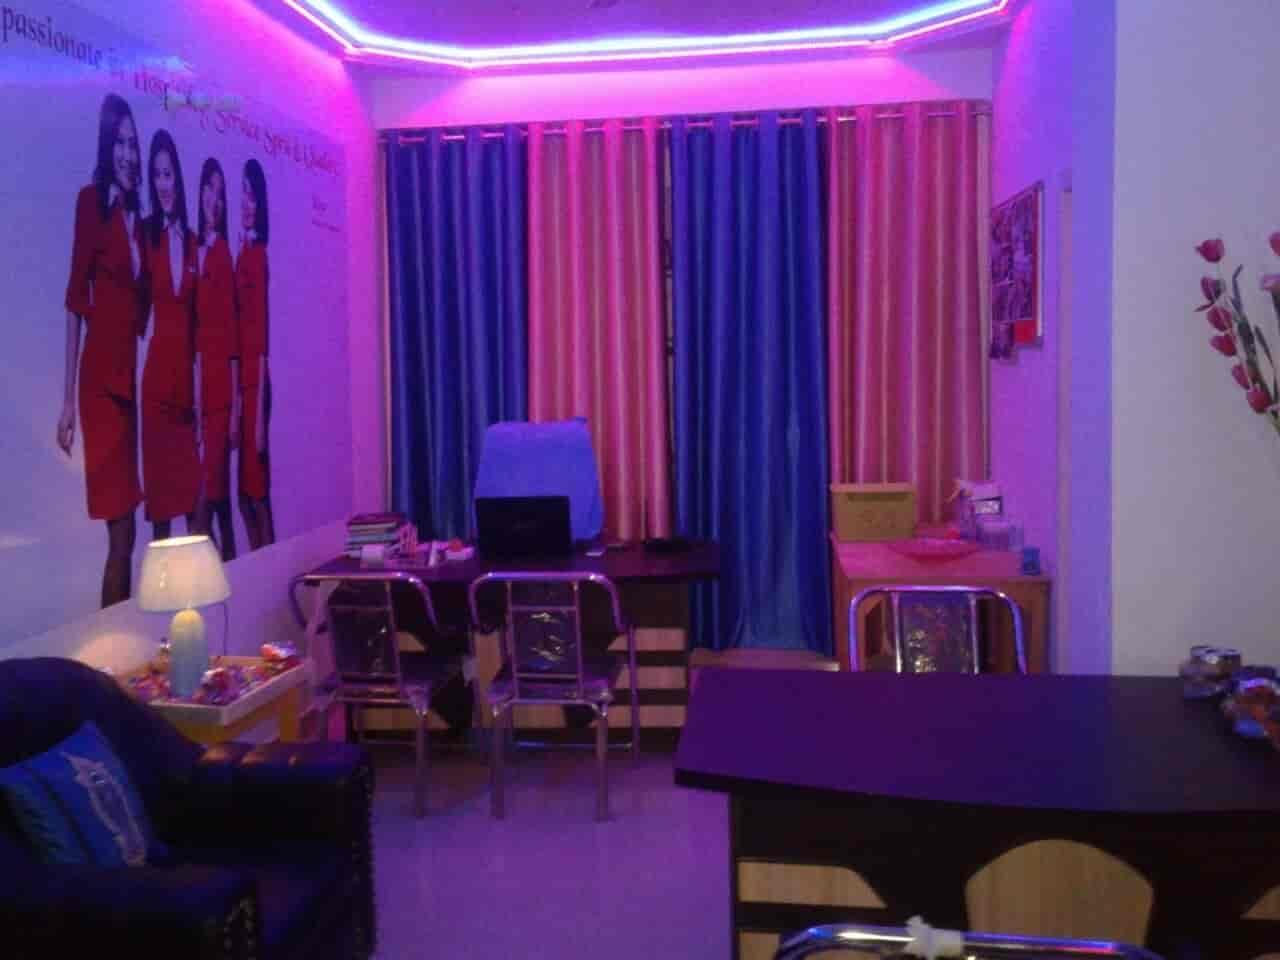 centrul de slimming în lko